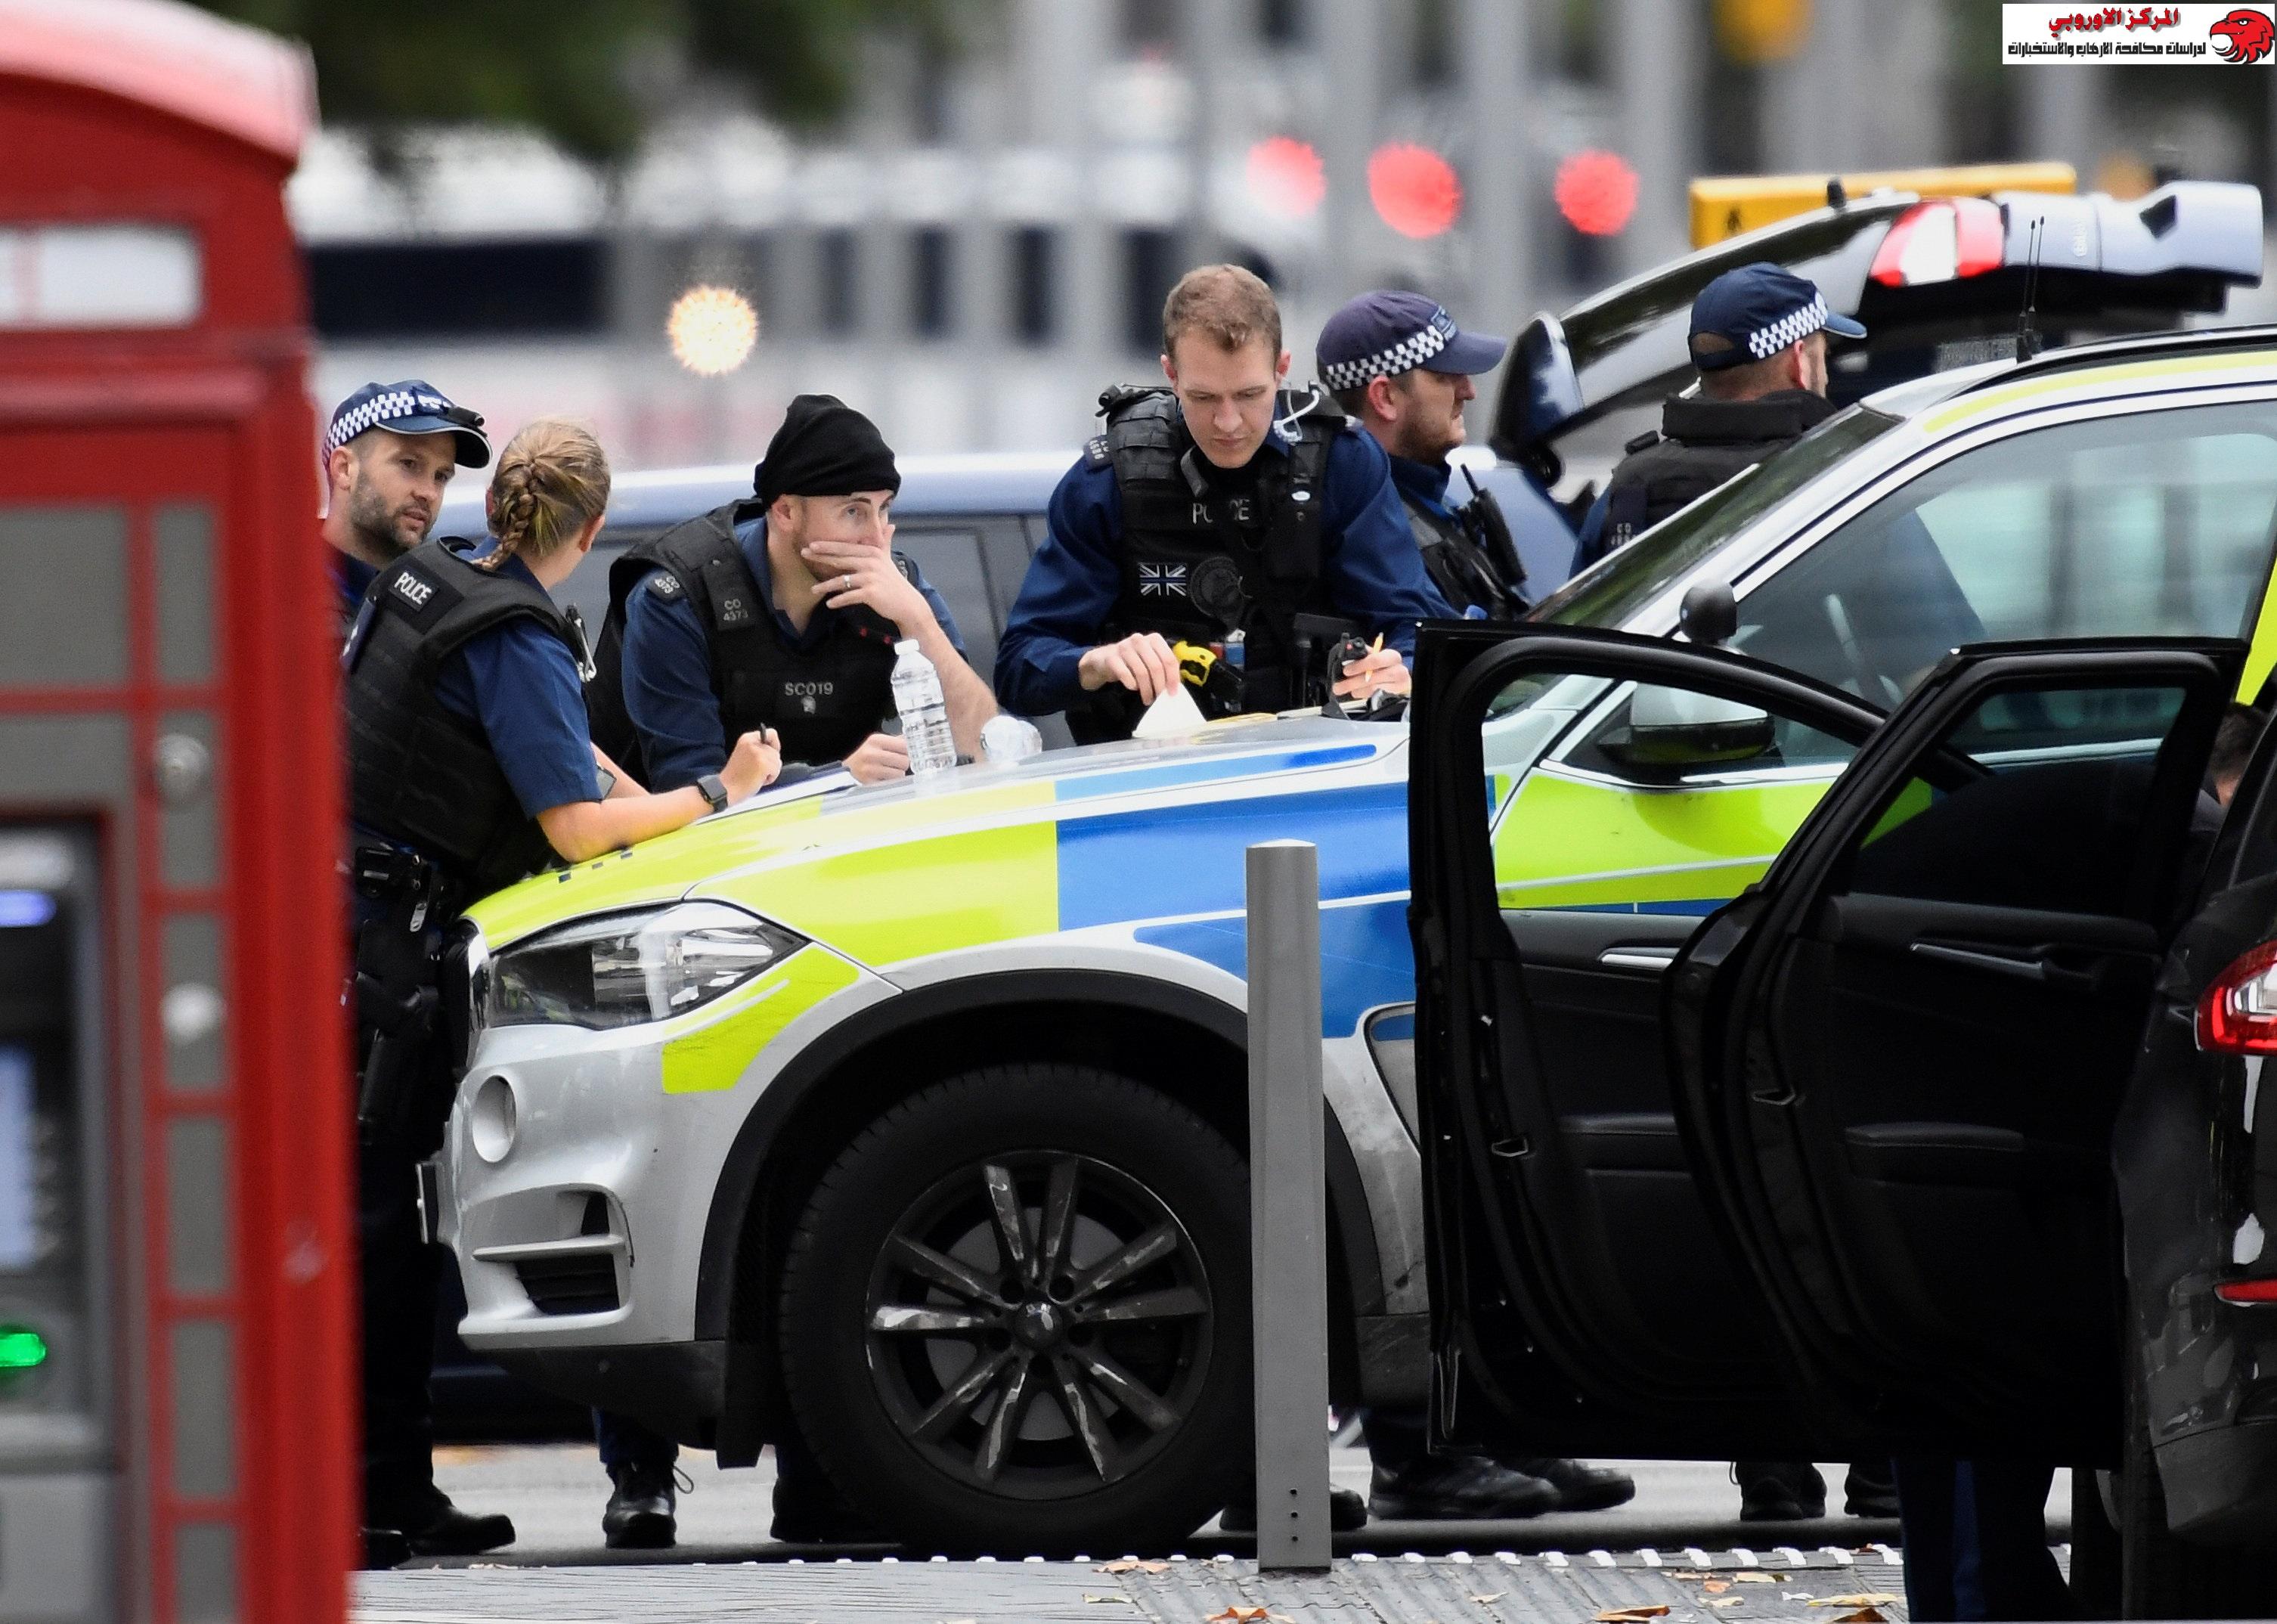 """بريطانيا..الحرب ضد تنظيم داعش """"تدخل مرحلة جديدة"""""""